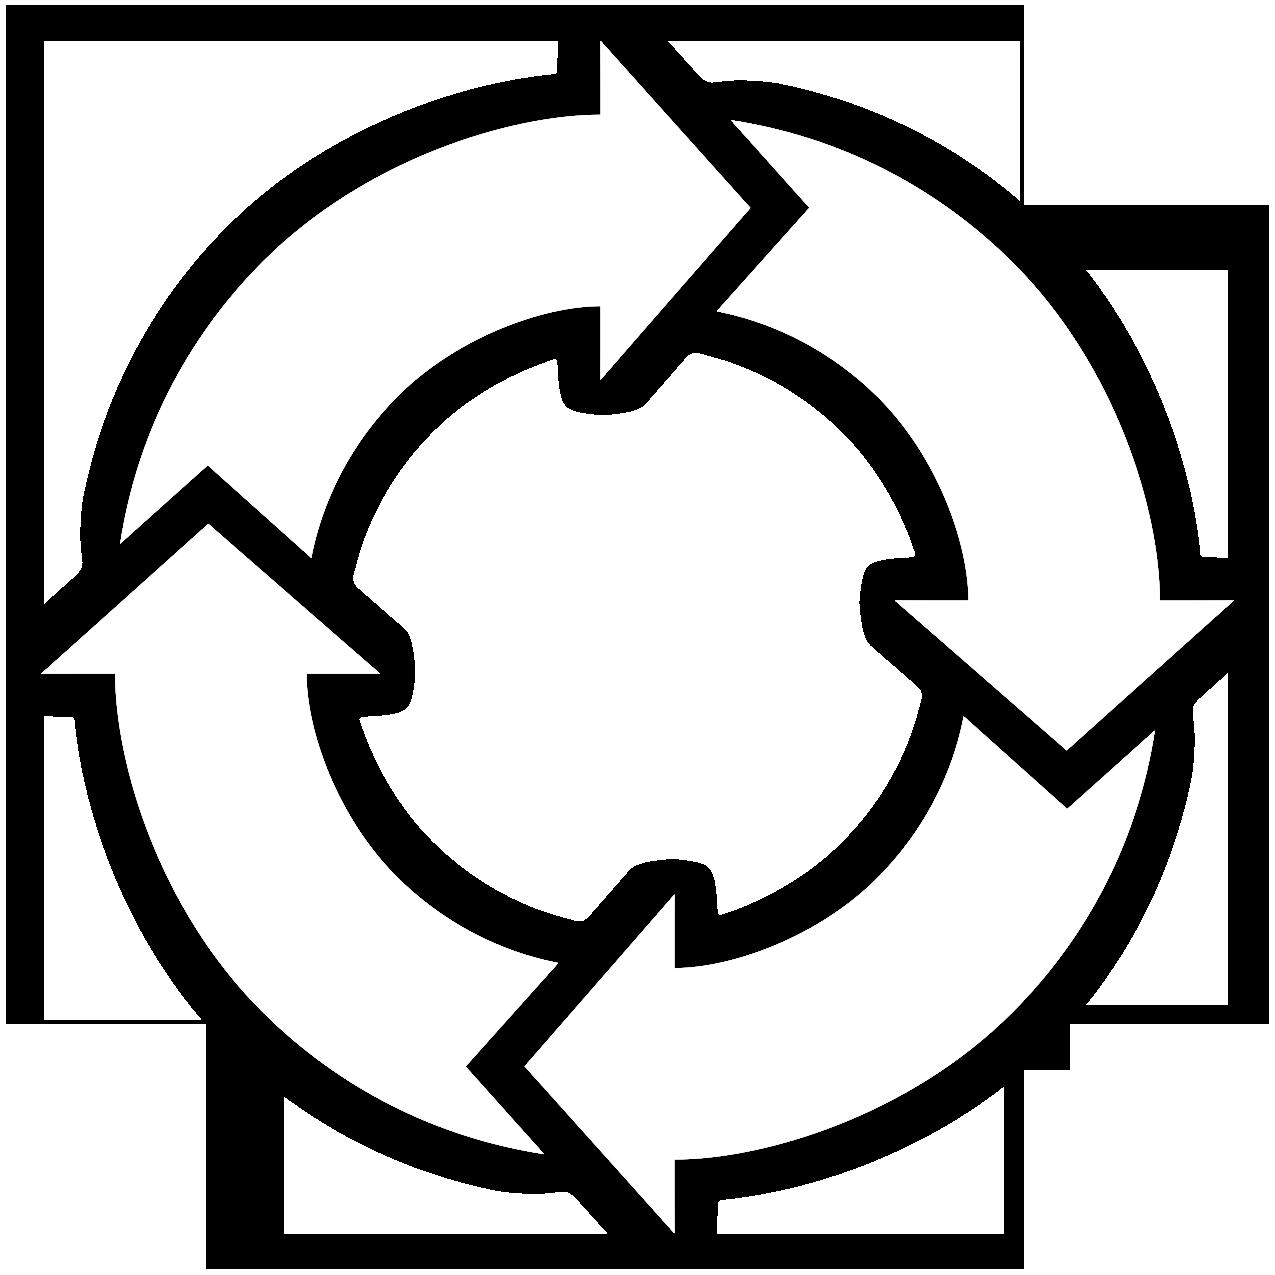 logo-circle-ci.png